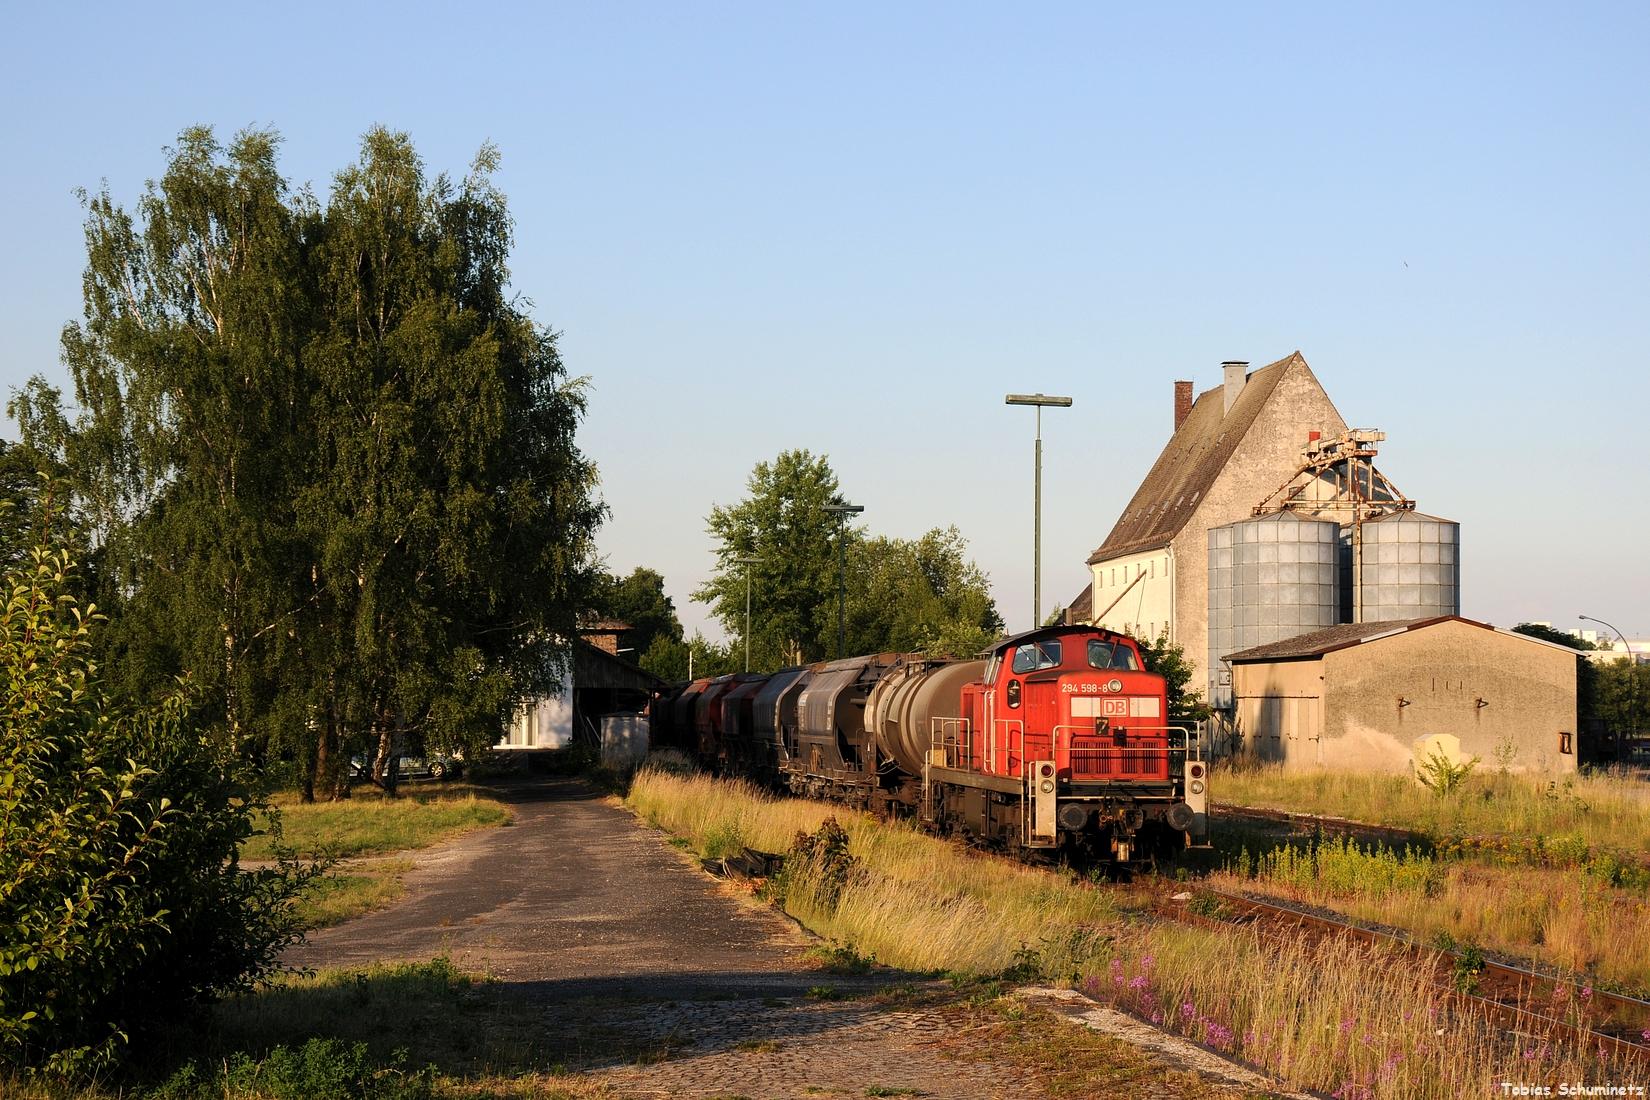 Am 20.06.2017 war ich gemeinsam mit Marcel und Domos unterwegs. Kurz vor Abfahrt sonnt sich noch 294 598 mit ihrem Zug im Bahnhof von Hirschau.